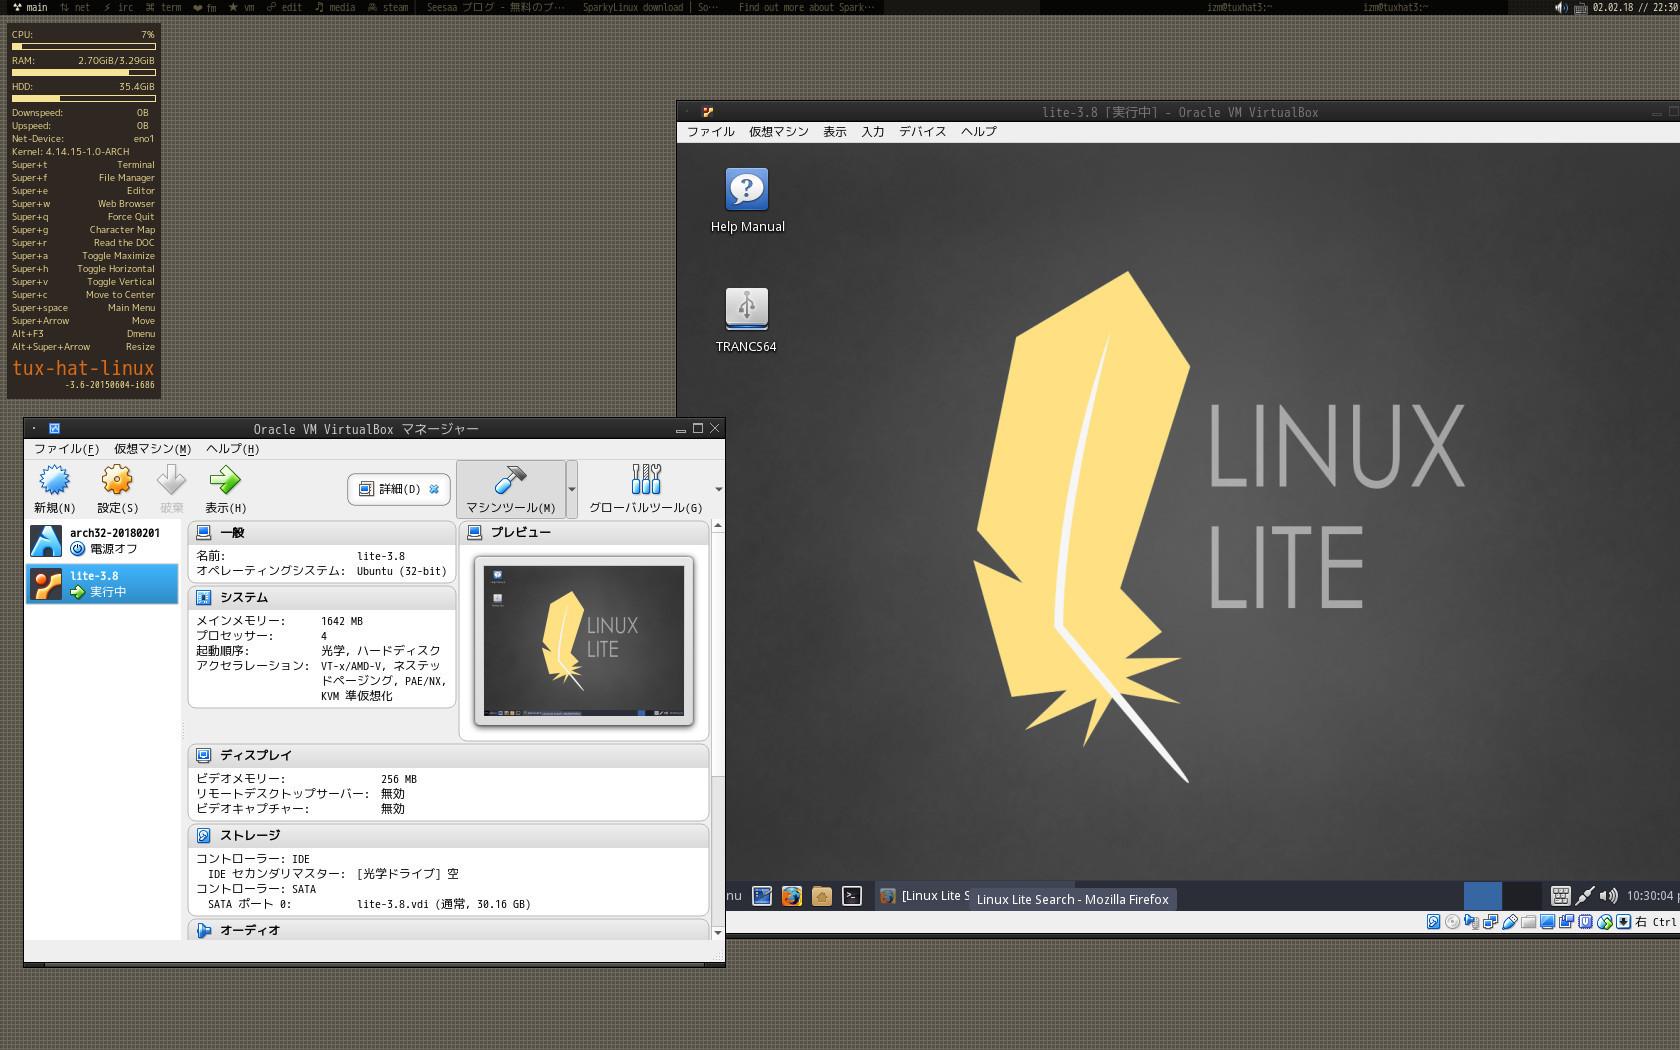 32bit版virtualboxは、実用にはならない? linux-lite-3 8-i386